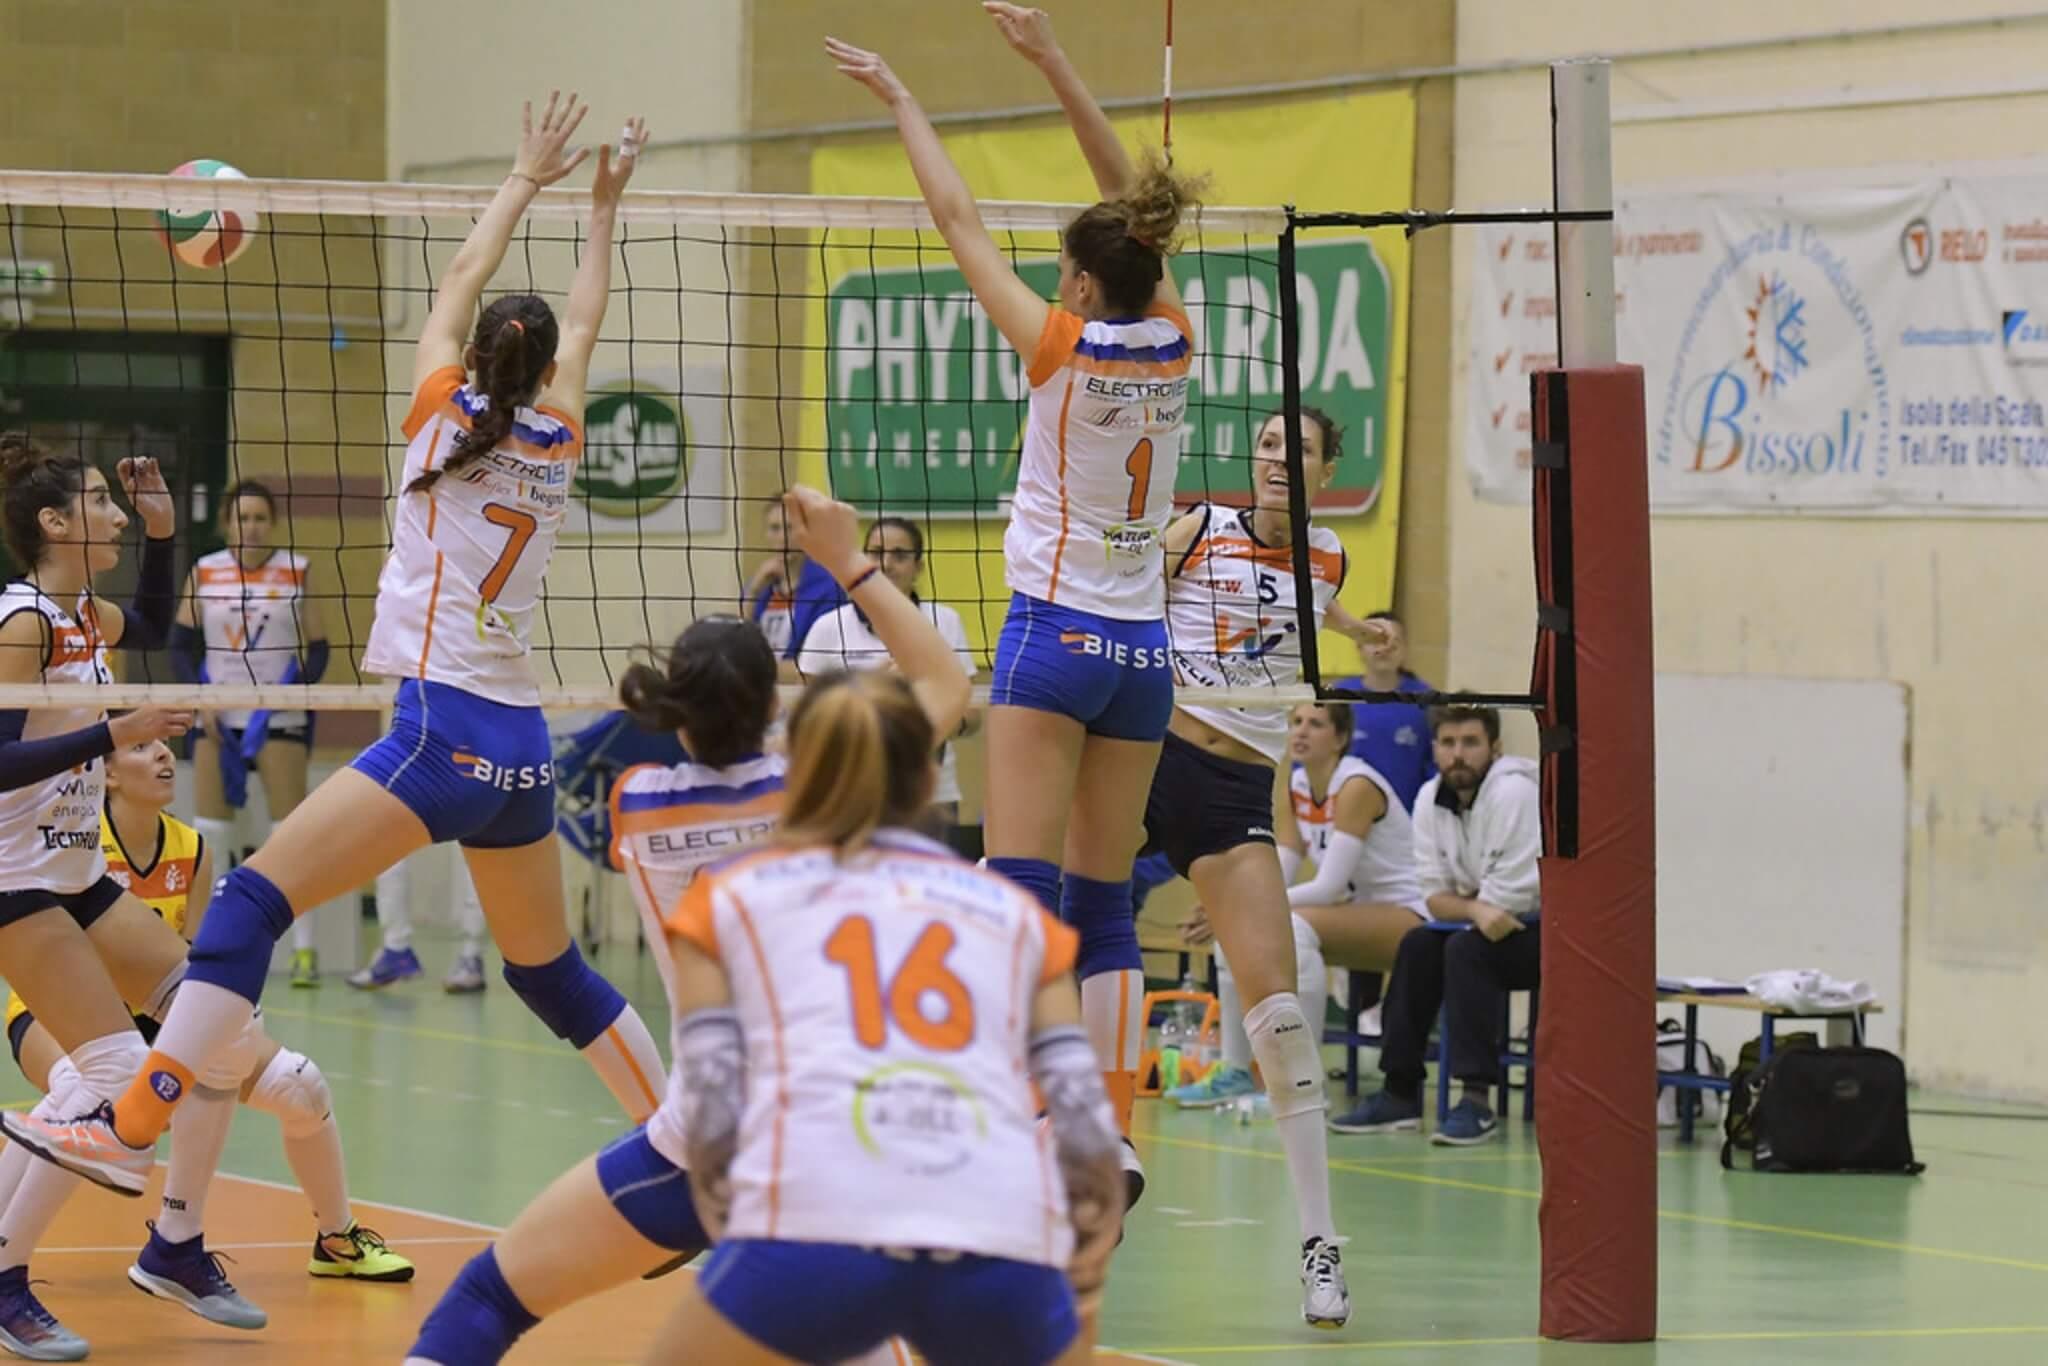 preparazione atletica volley